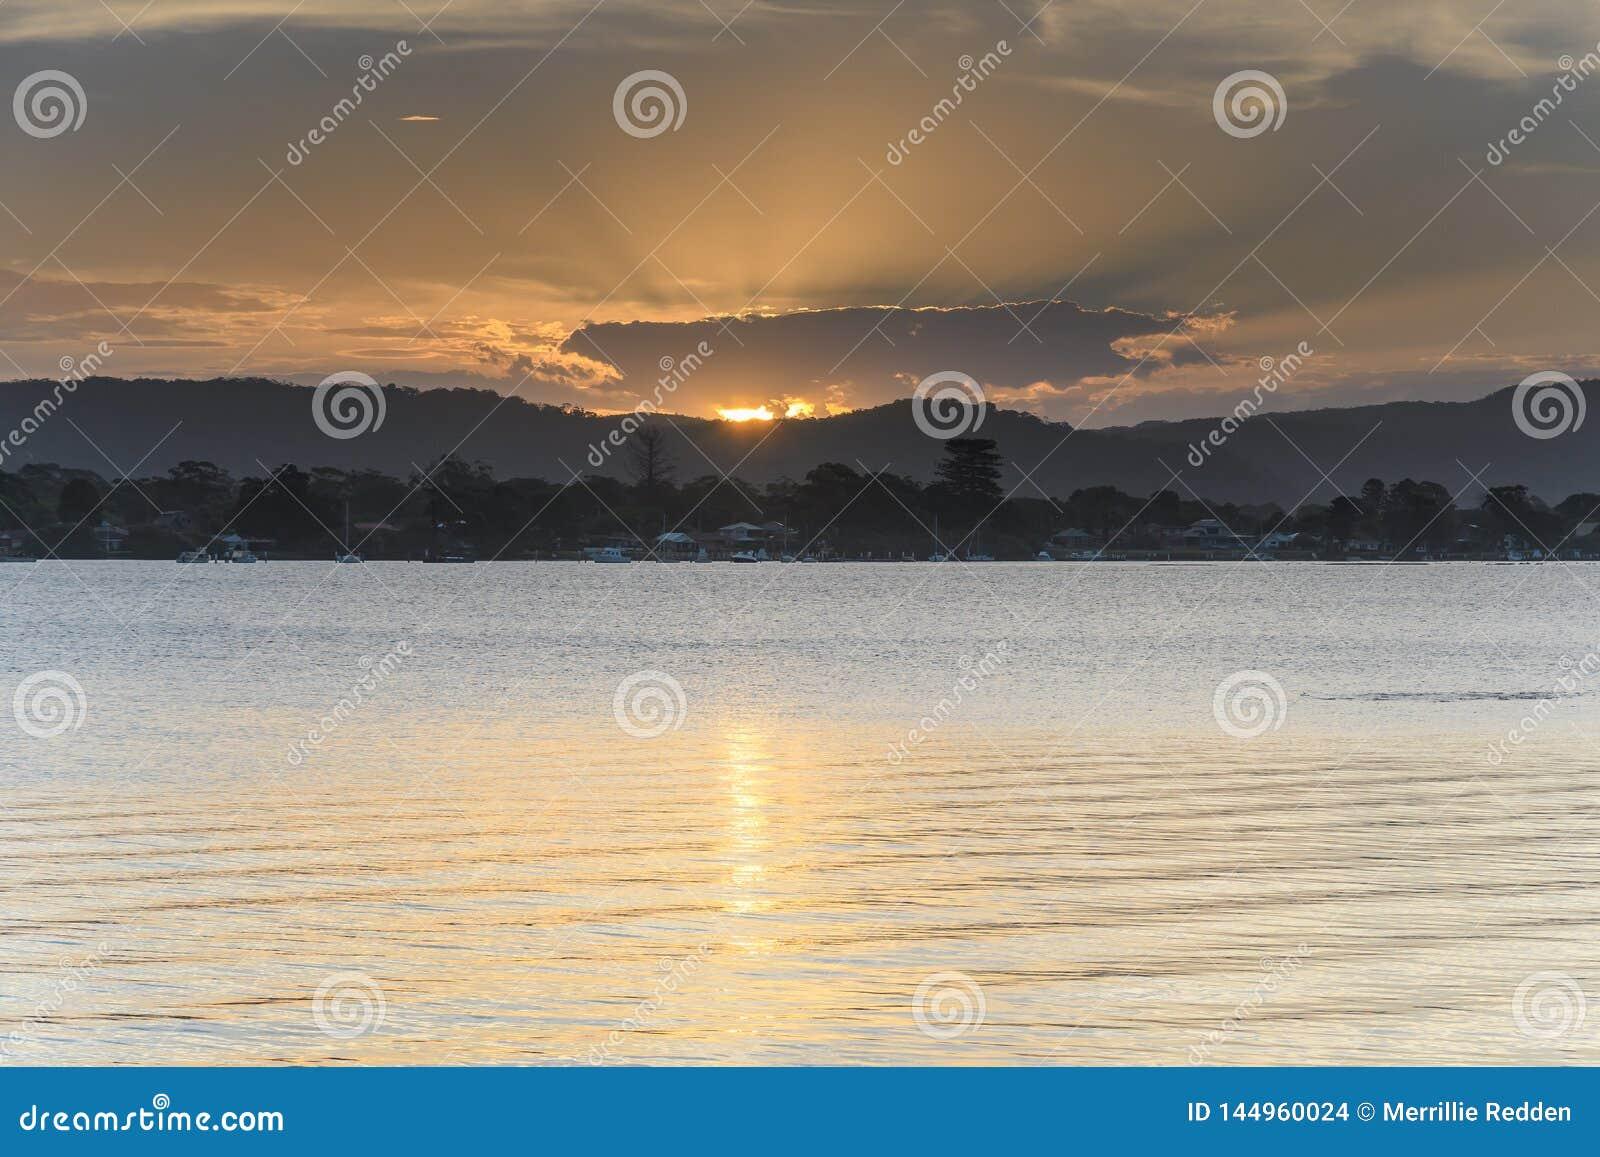 Μαλακό χρυσό ηλιοβασίλεμα πέρα από τον κόλπο με το υψηλό σύννεφο